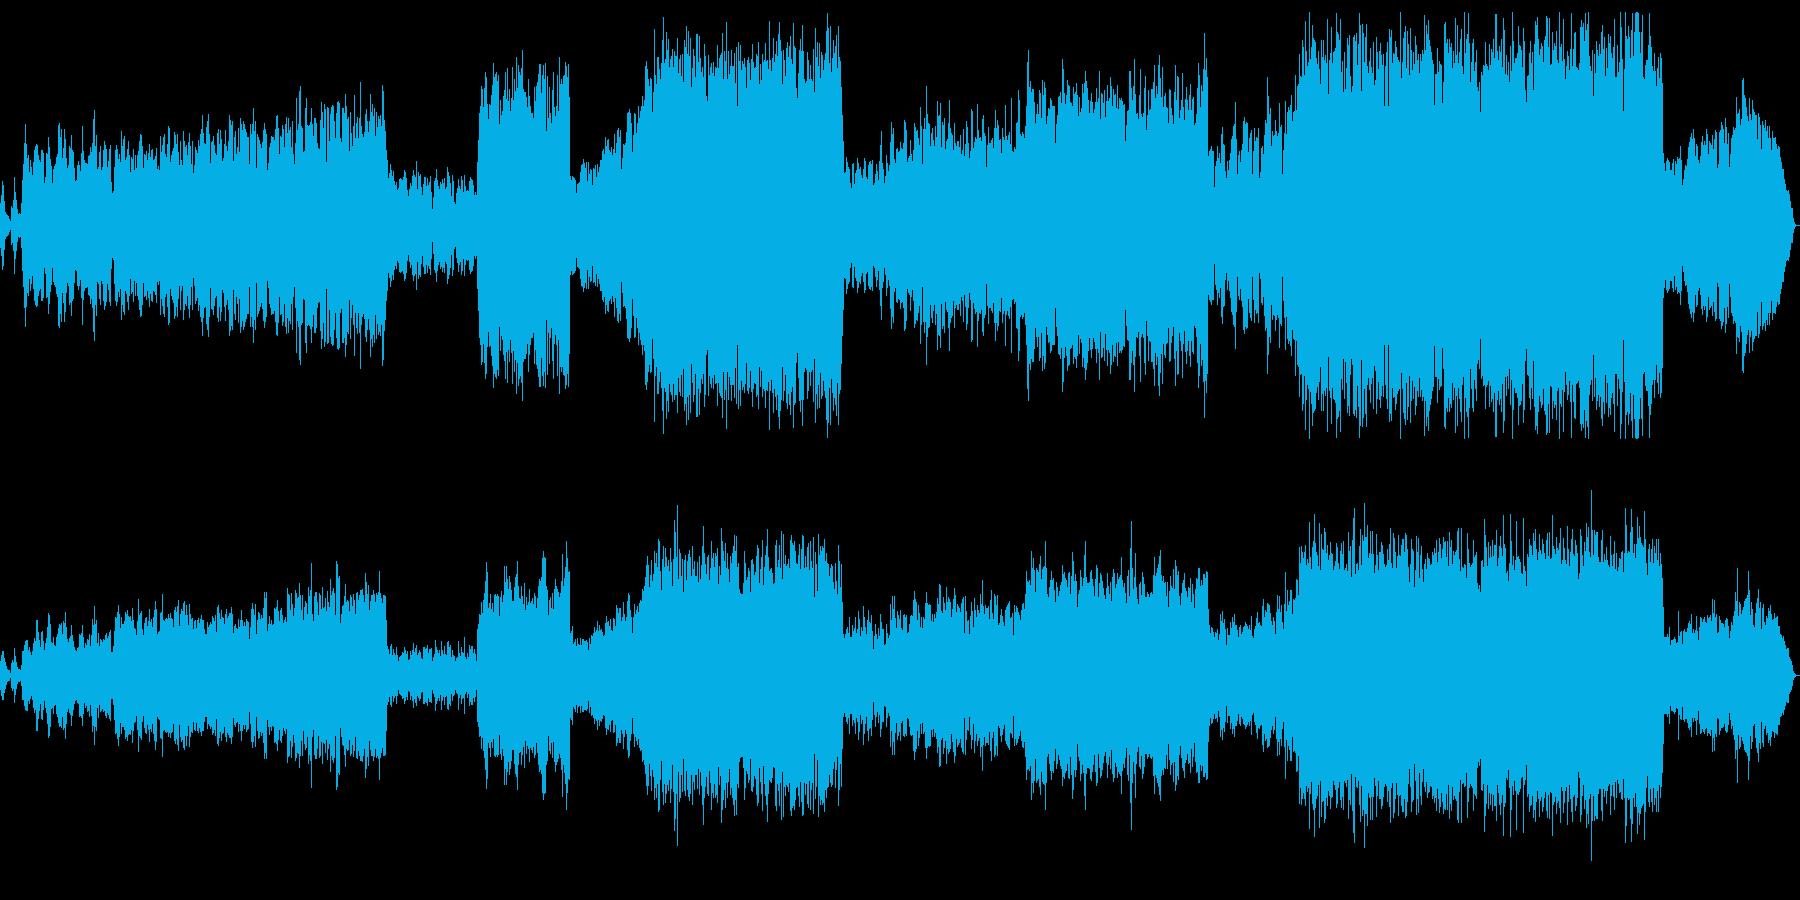 弦楽とピアノによる室内楽の再生済みの波形